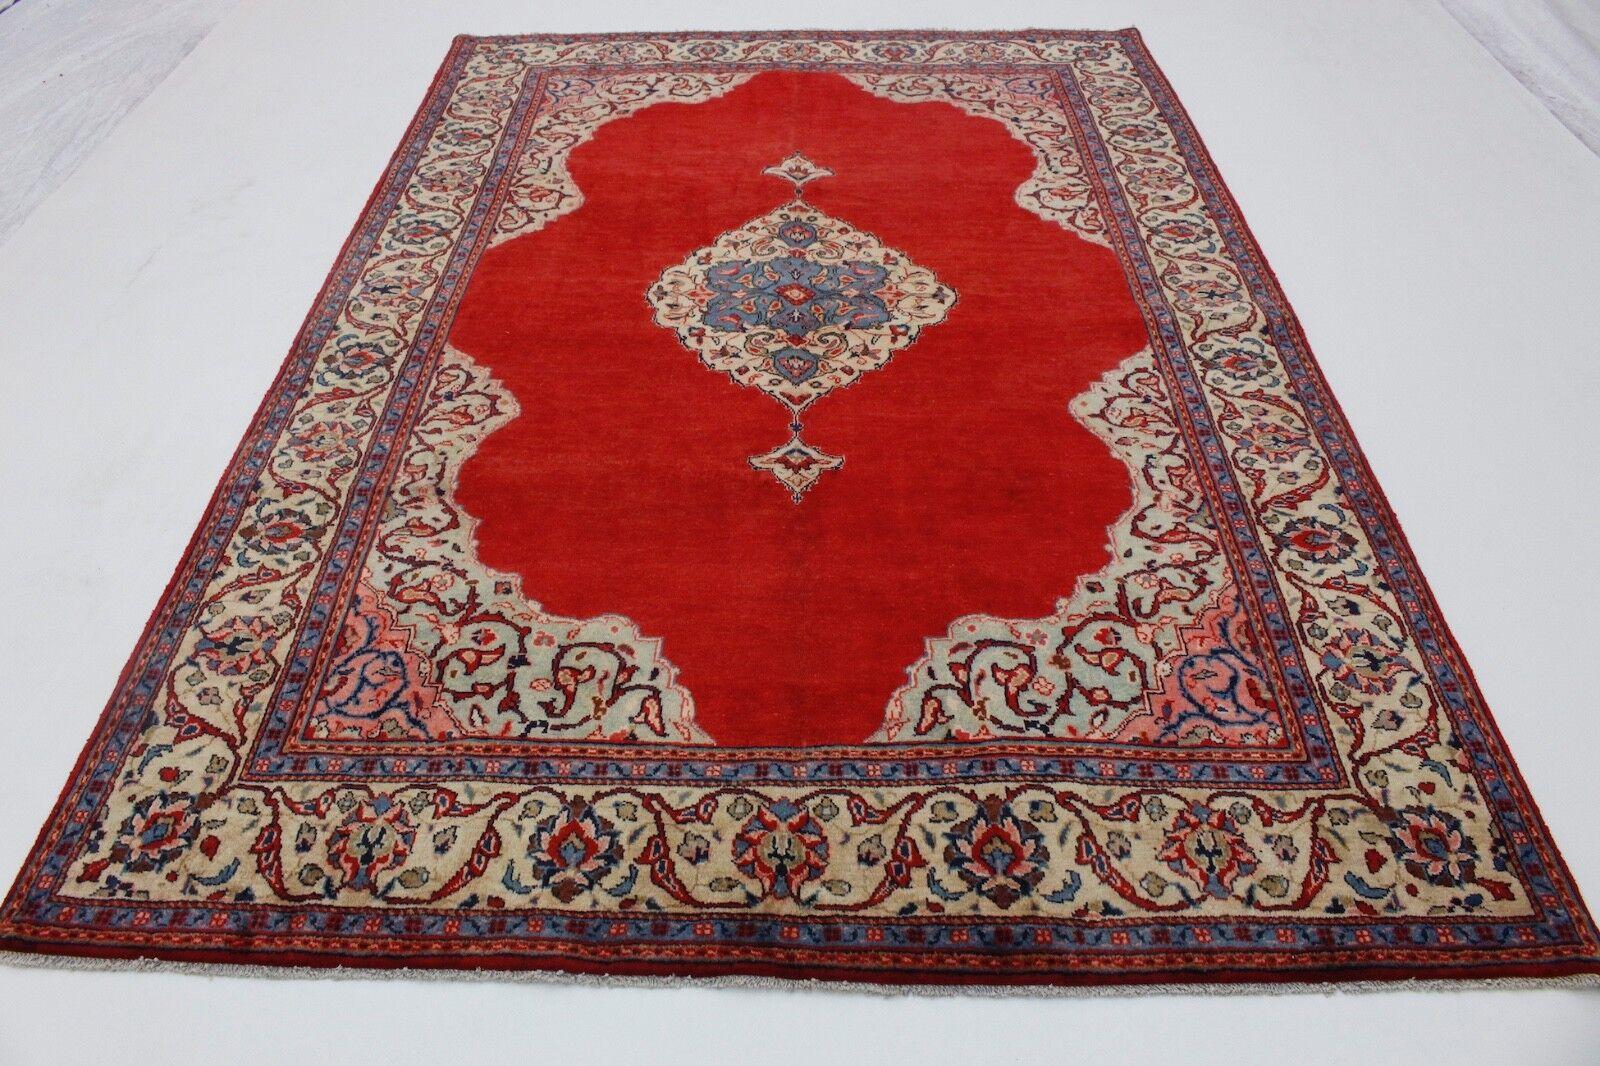 Subalmacén de venta alfombra persa sarough clásico hermosa 320x220 hecha KL 4234